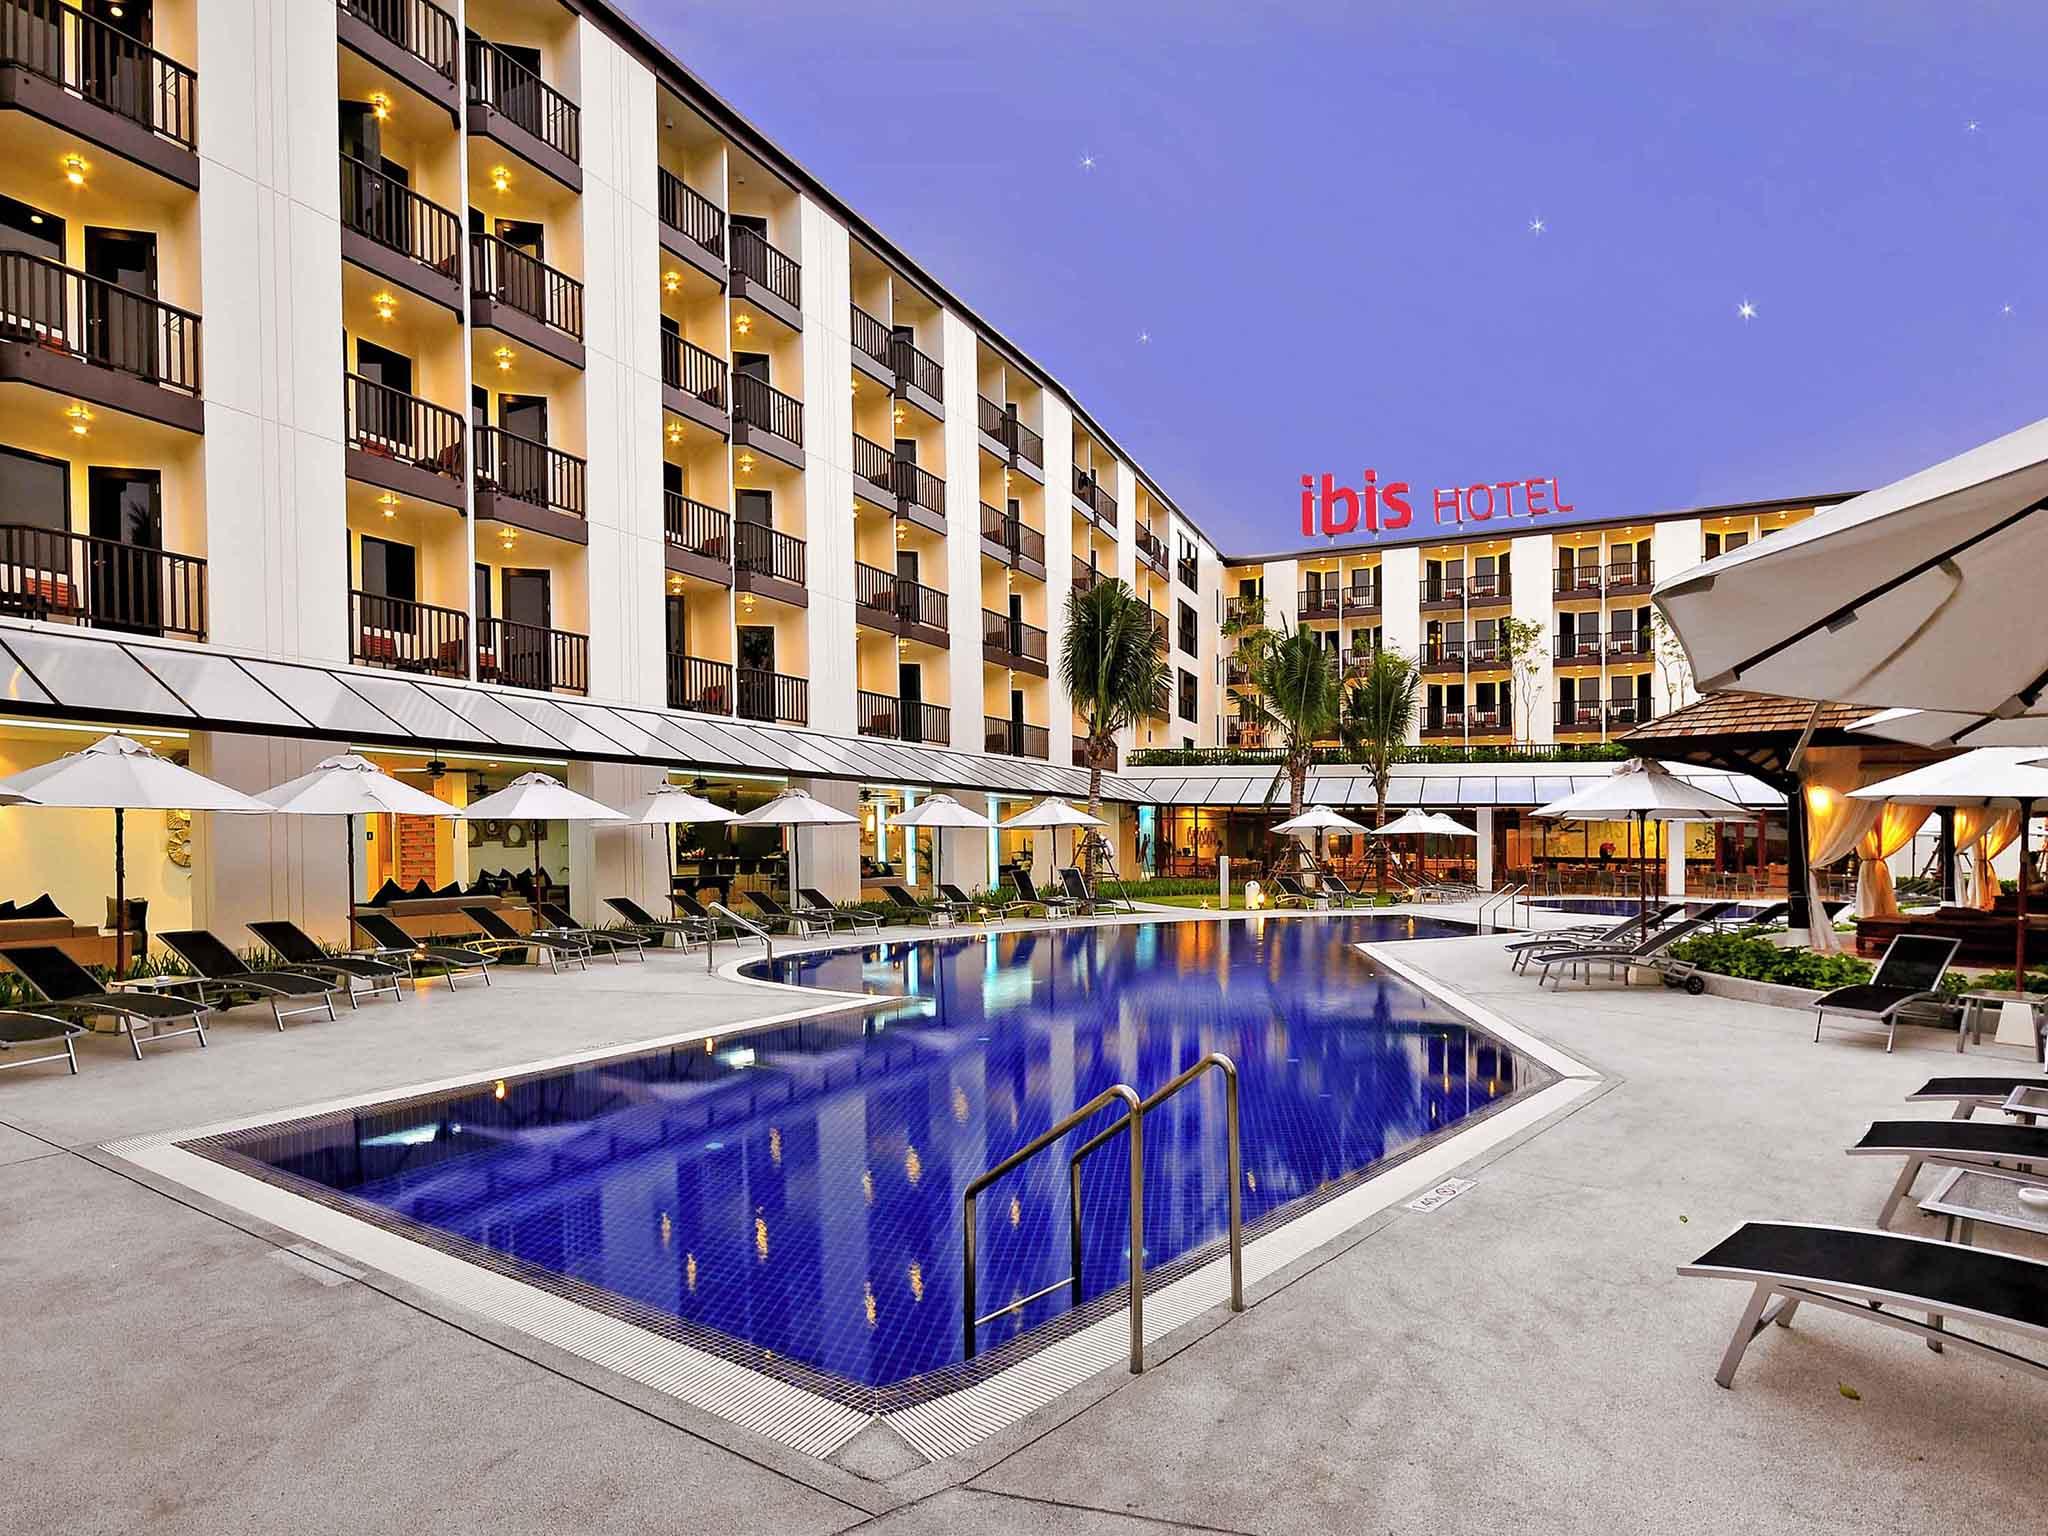 فندق - فندق إيبيس ibis بوكيت كاتا